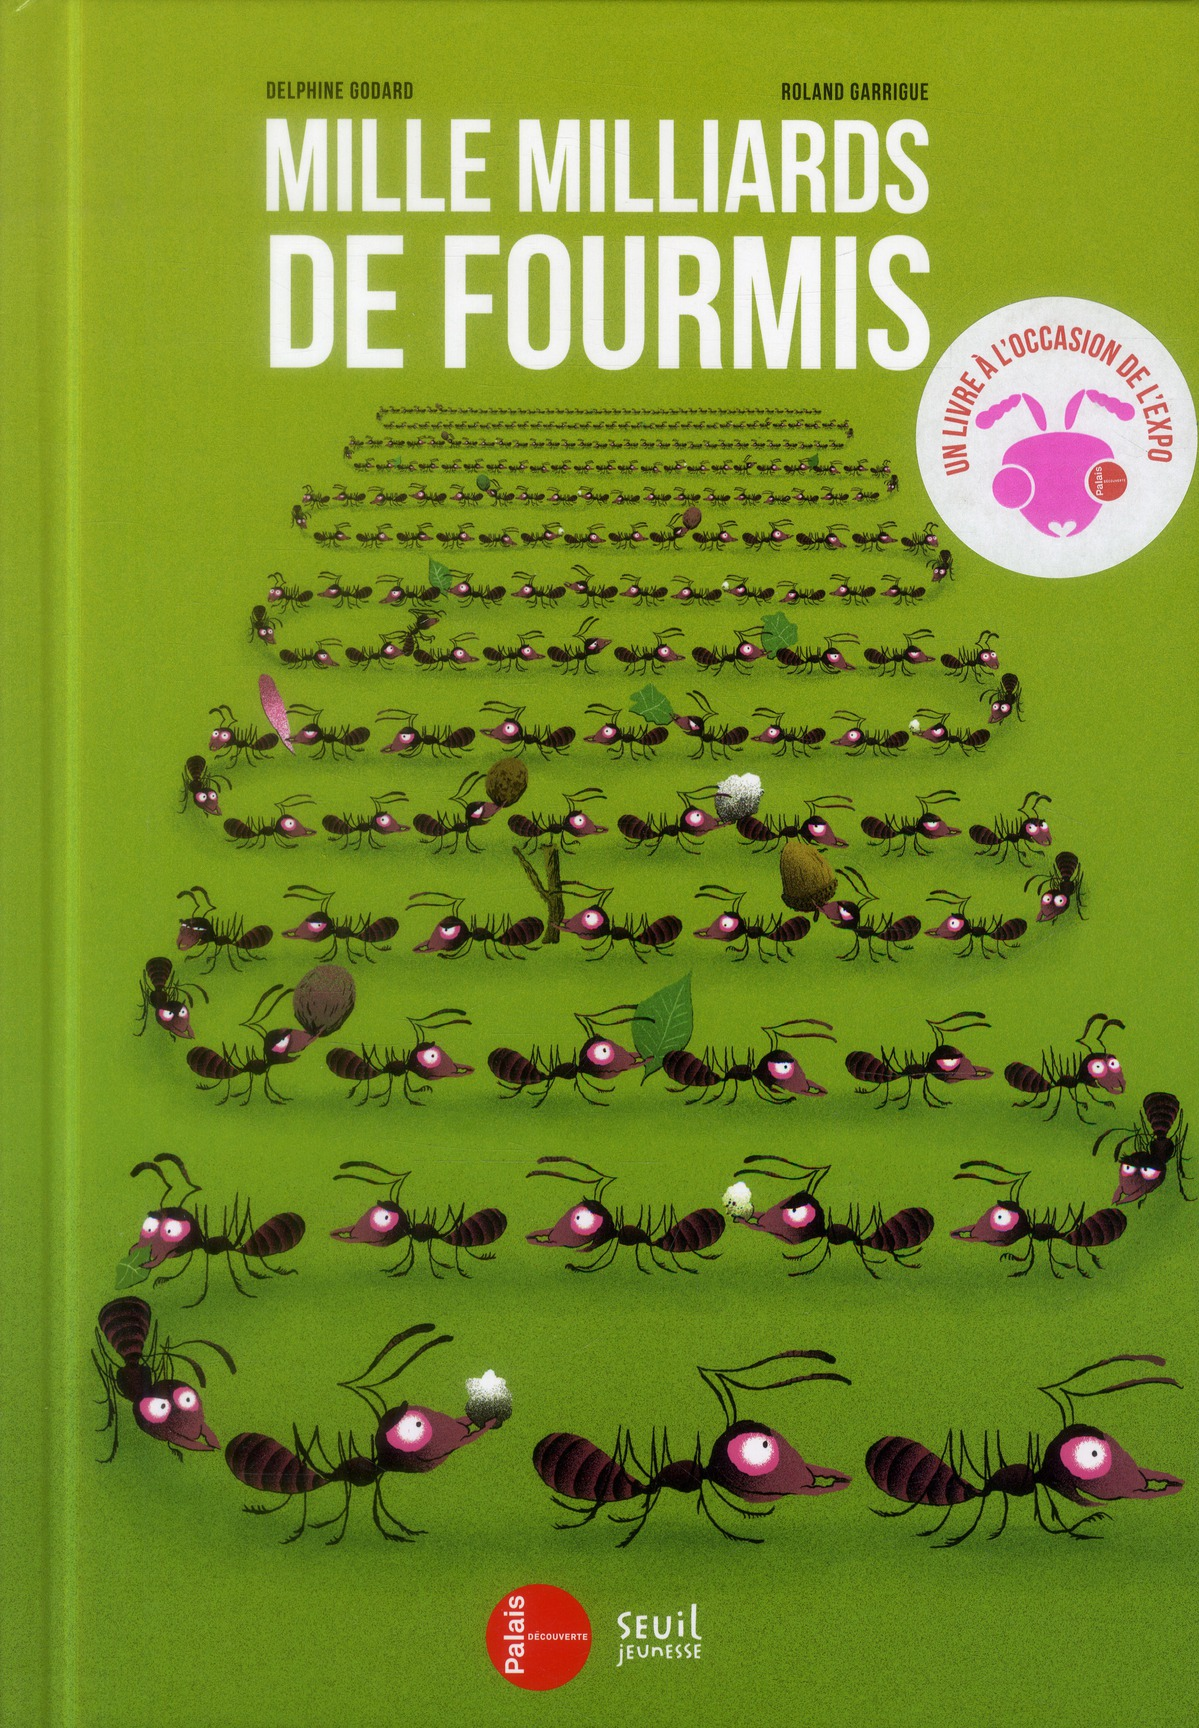 MILLE MILLIARDS DE FOURMIS